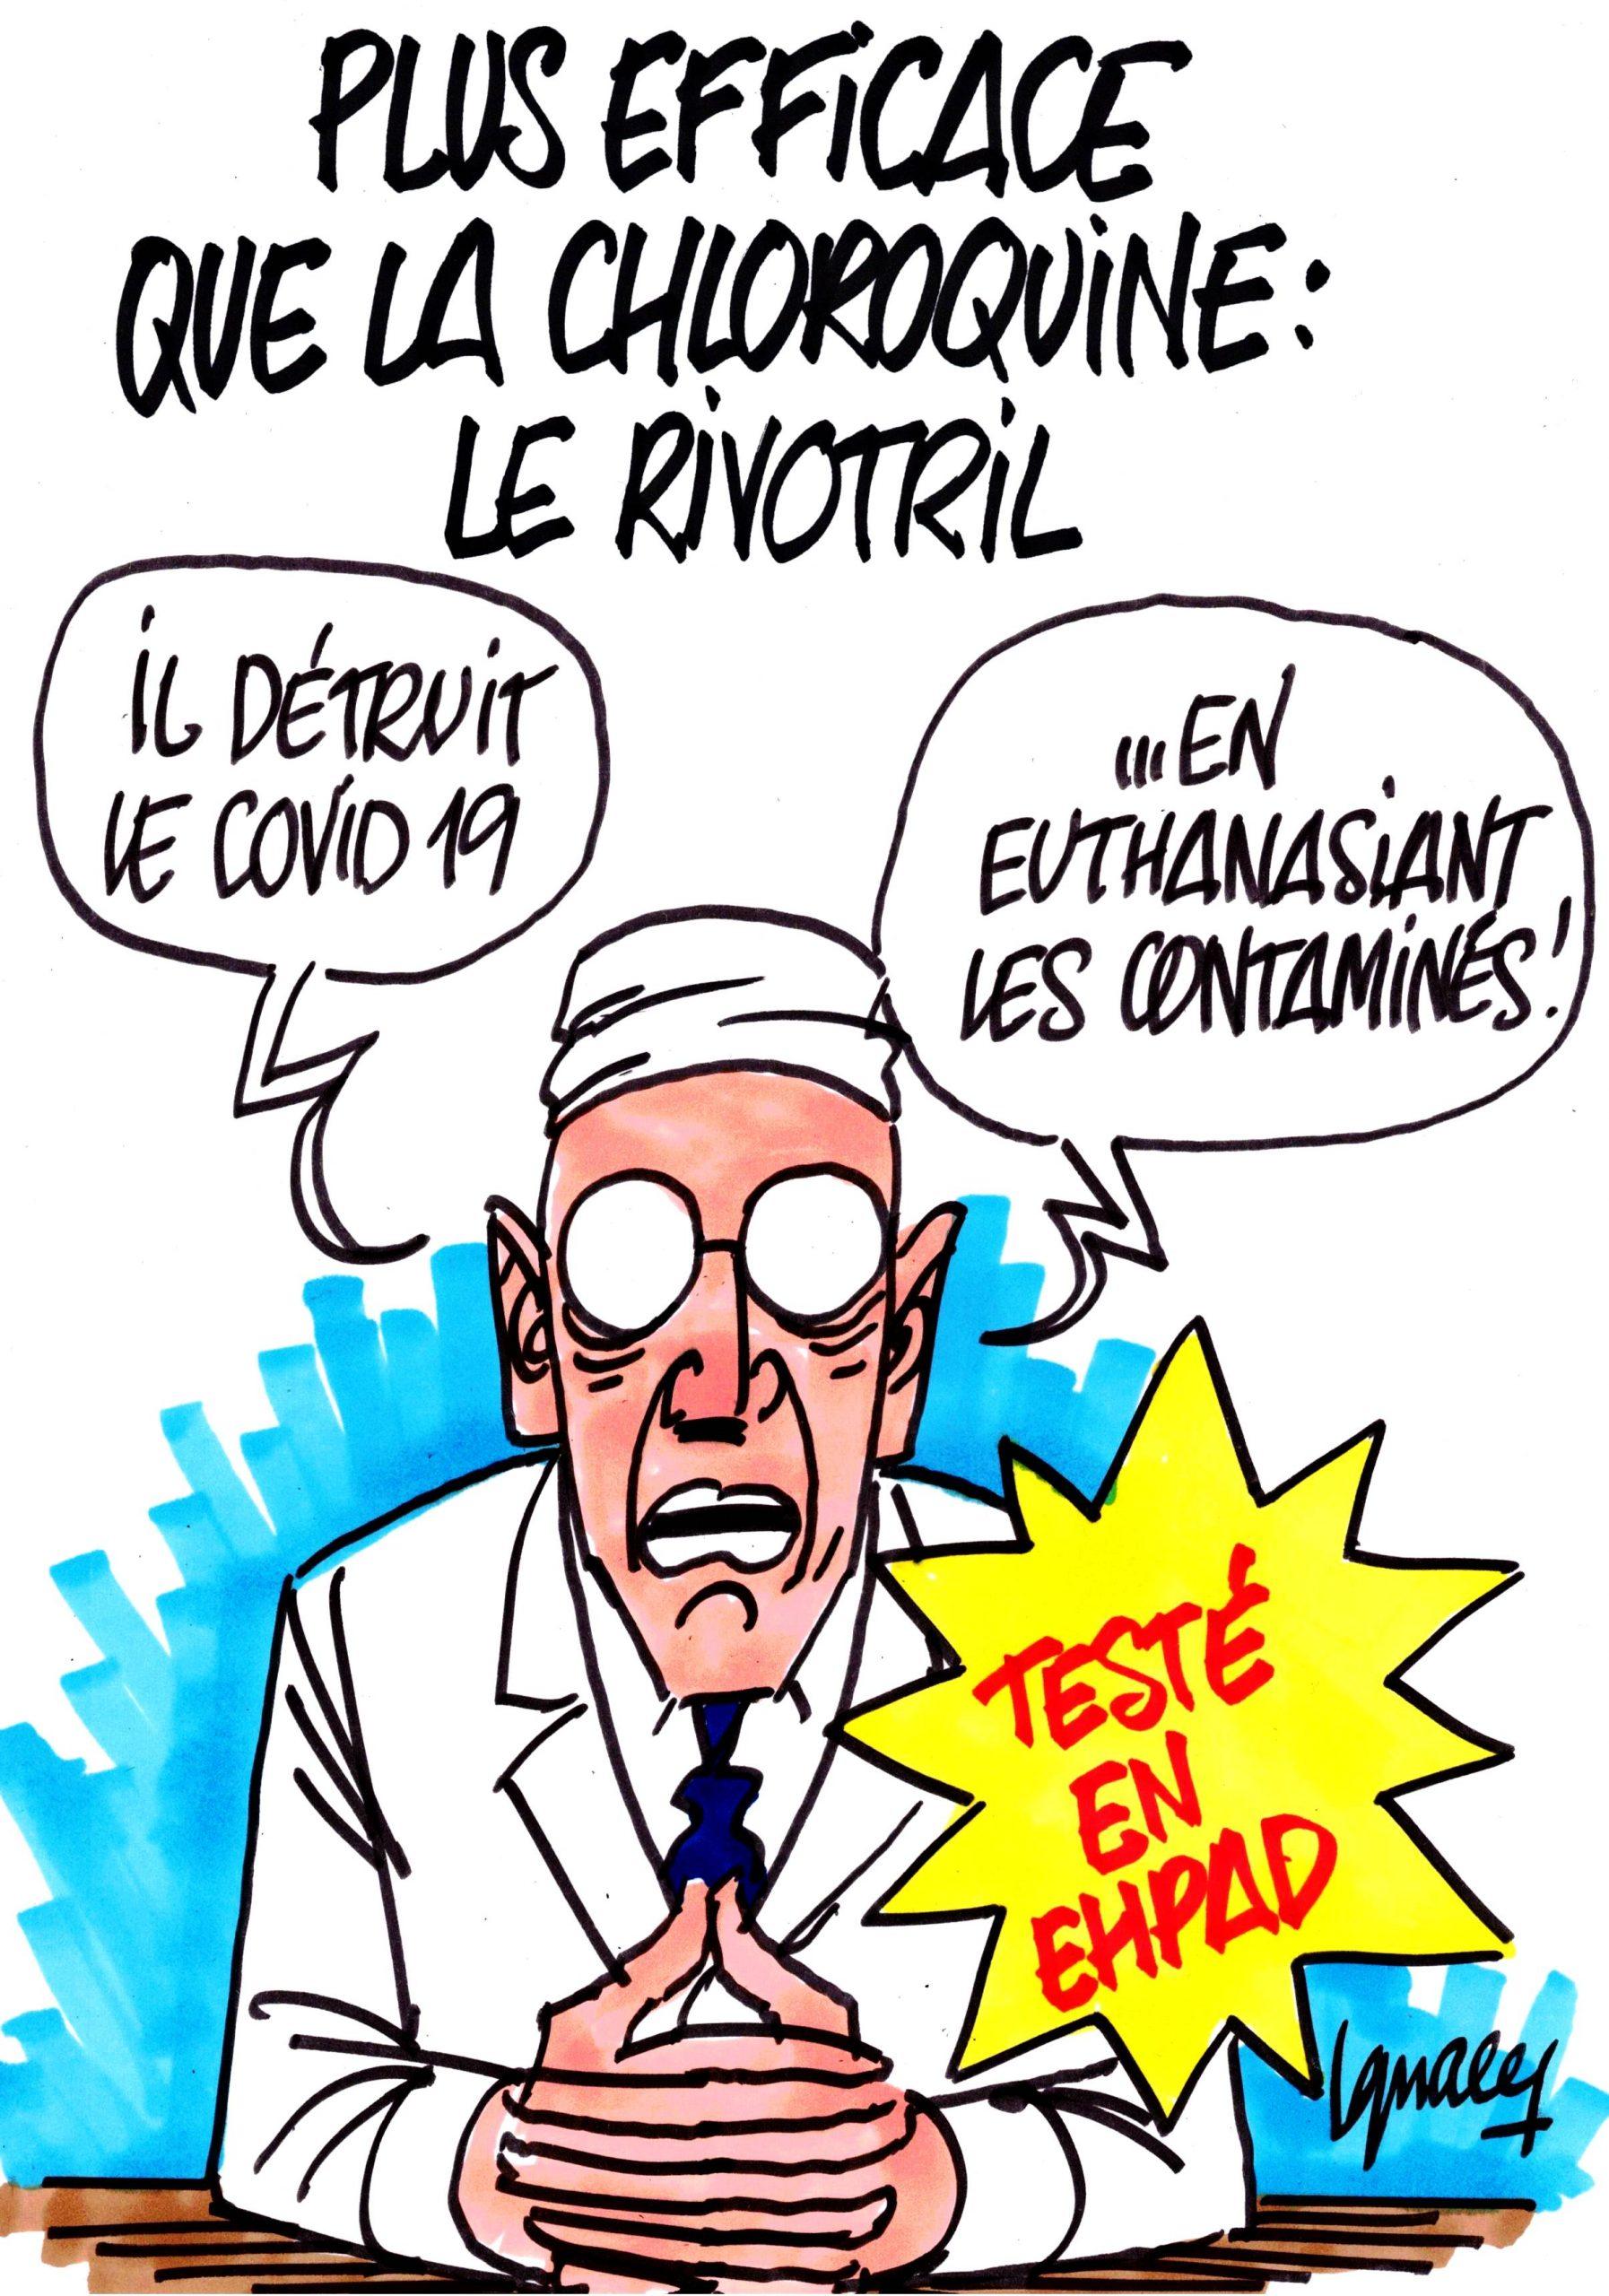 Ignace - Plus fort que la chloroquine, le rivotril